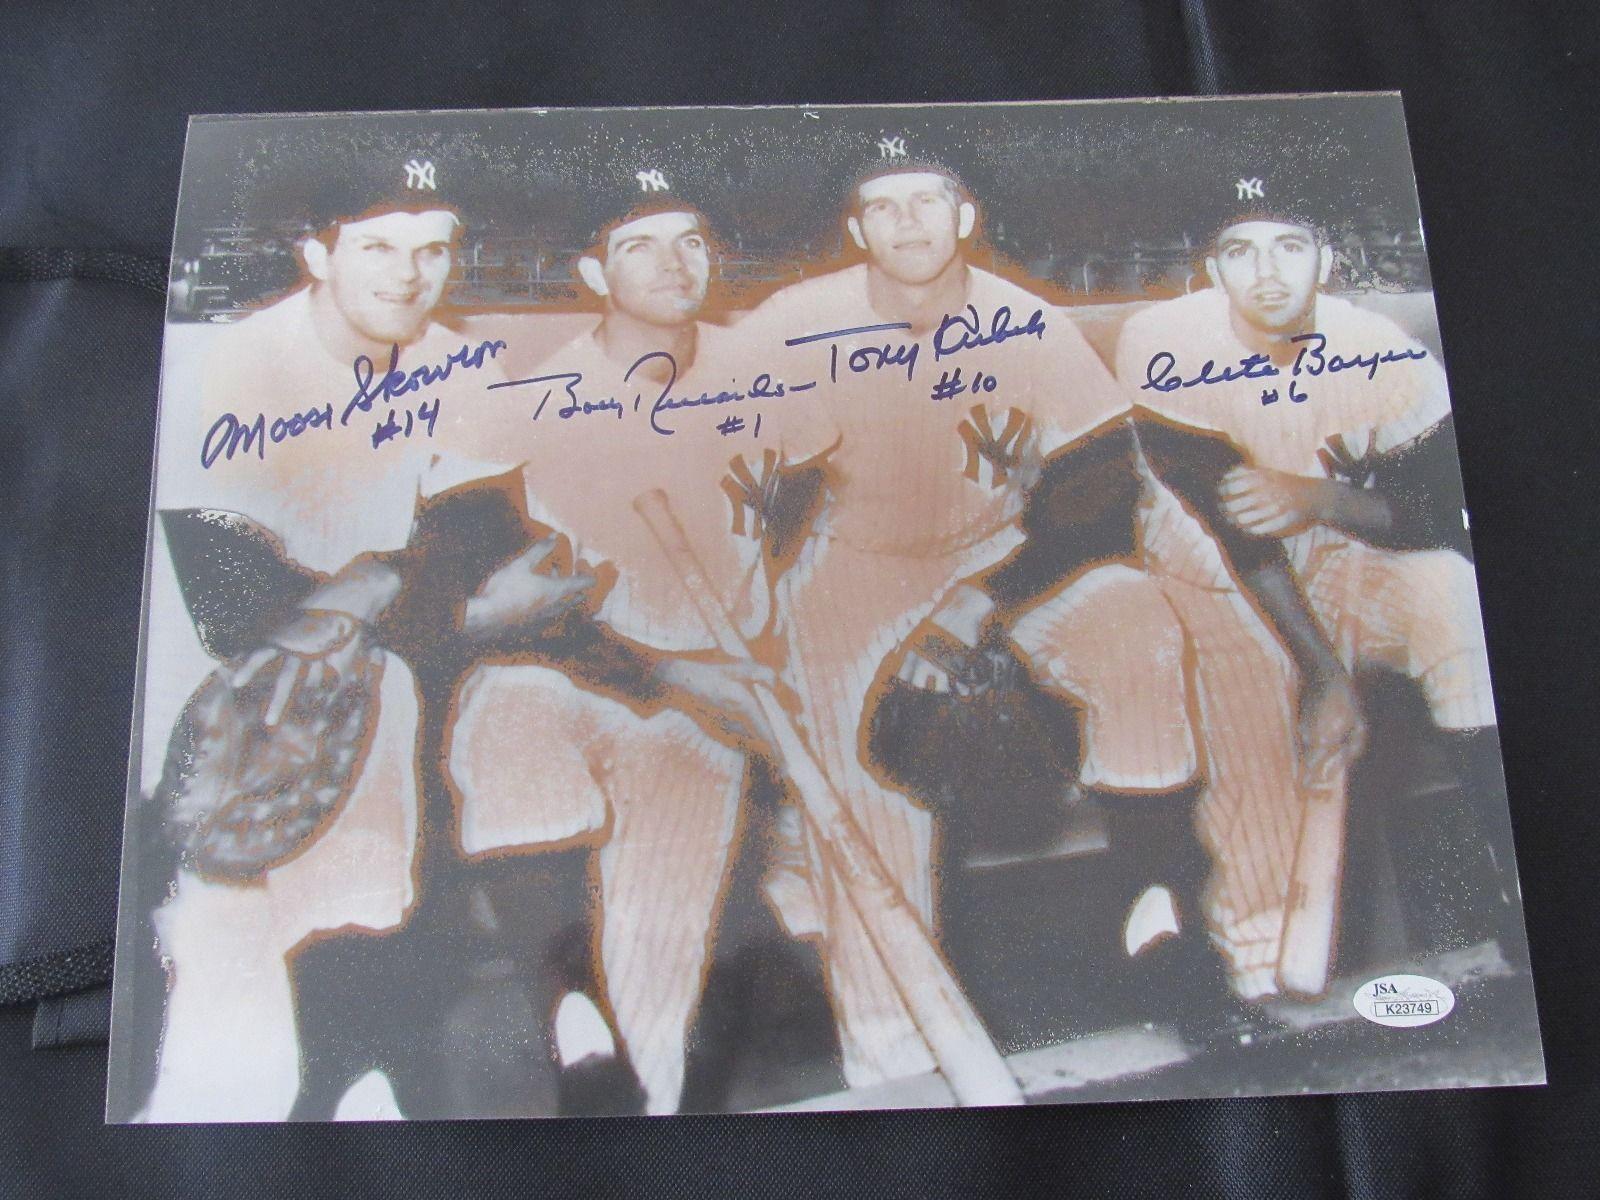 1961 YANKEES INFIELD KUBEK SKOWRON BOYER RICHARDSON SIGNED AUTO 11X14 PHOTO JSA - $217.79